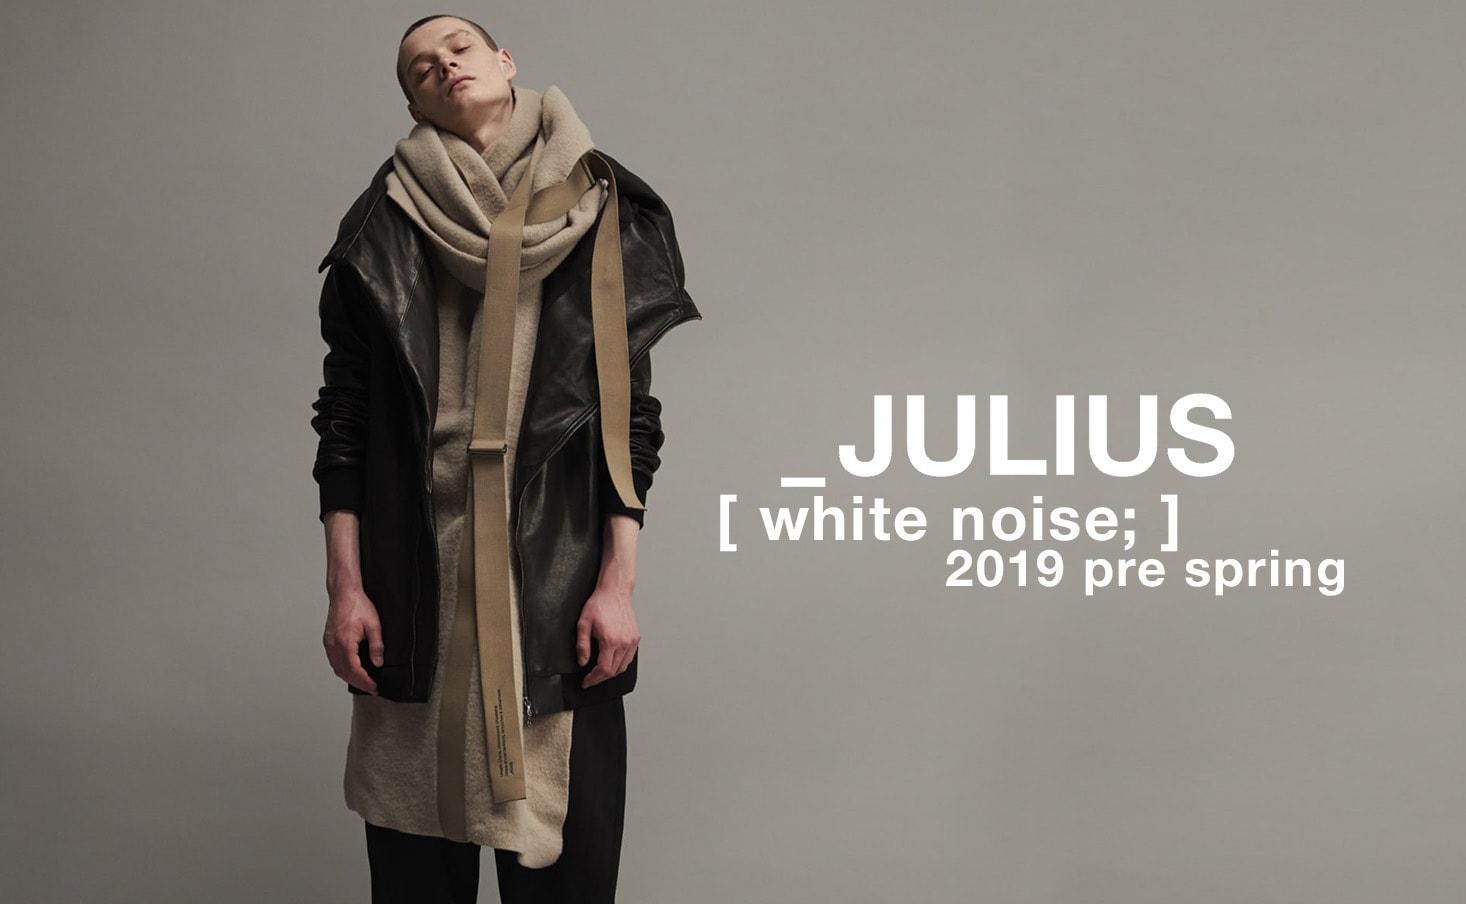 julius 19 Pre spring collection